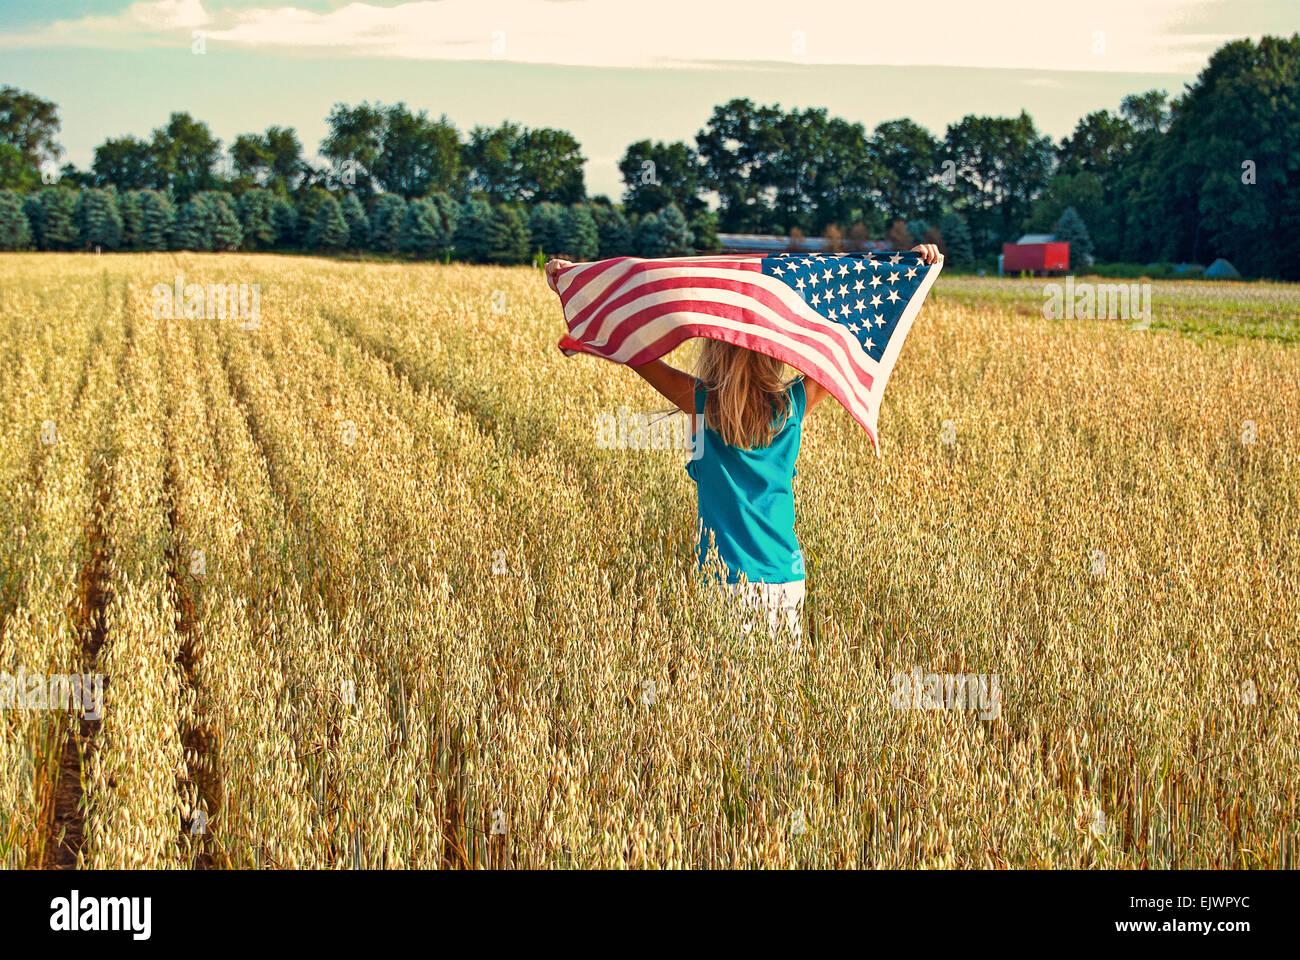 Giovane ragazza in esecuzione in un campo di grano con la bandiera americana. Immagini Stock